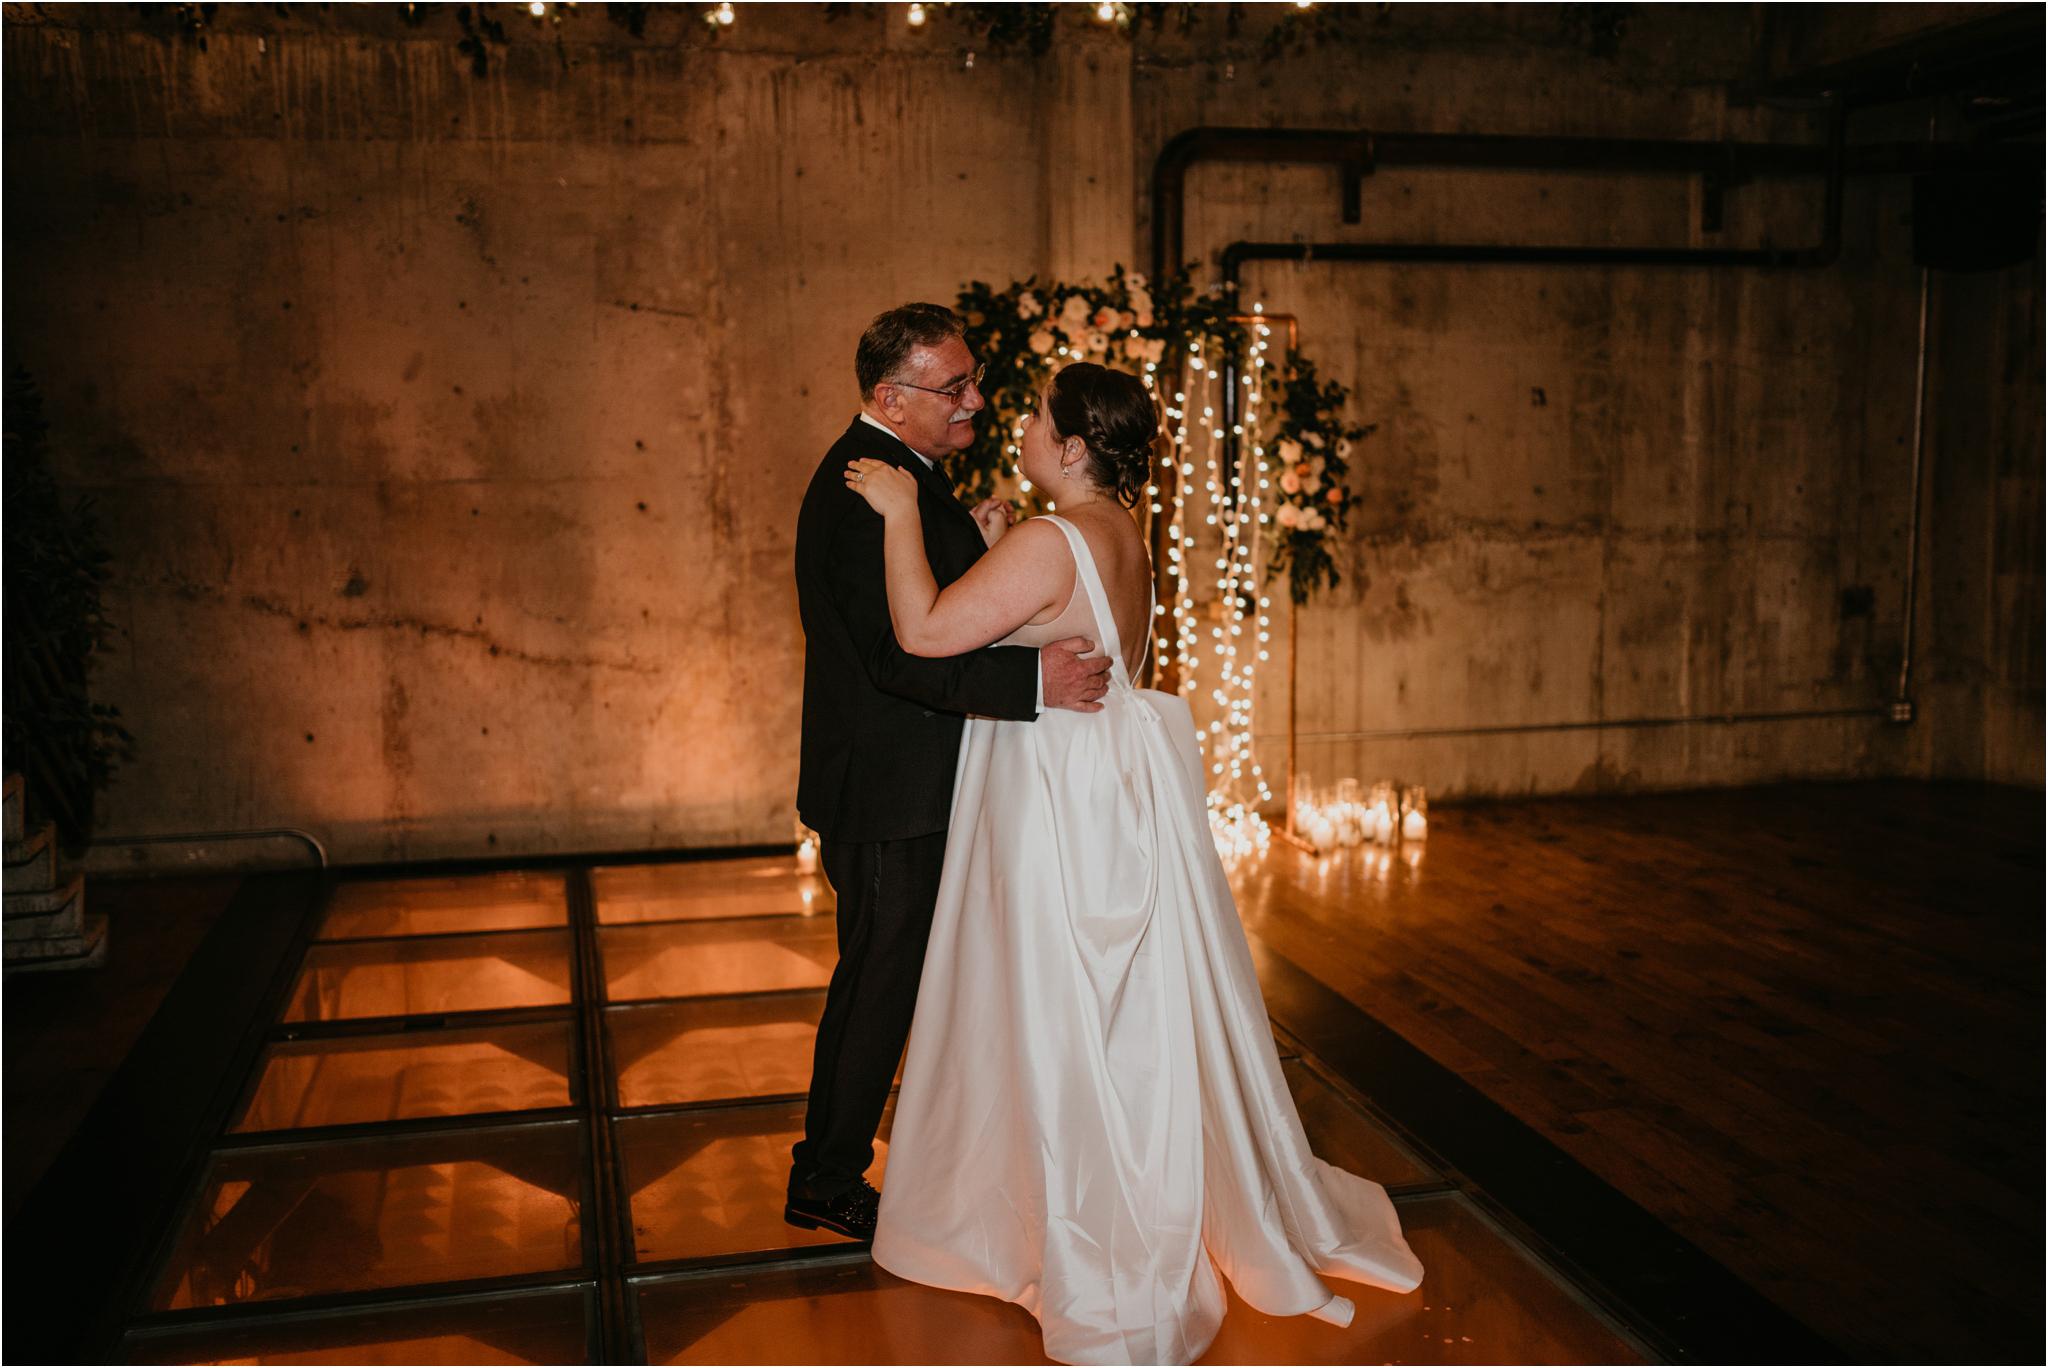 ashley-and-david-fremont-foundry-seattle-washington-wedding-photographer-129.jpg